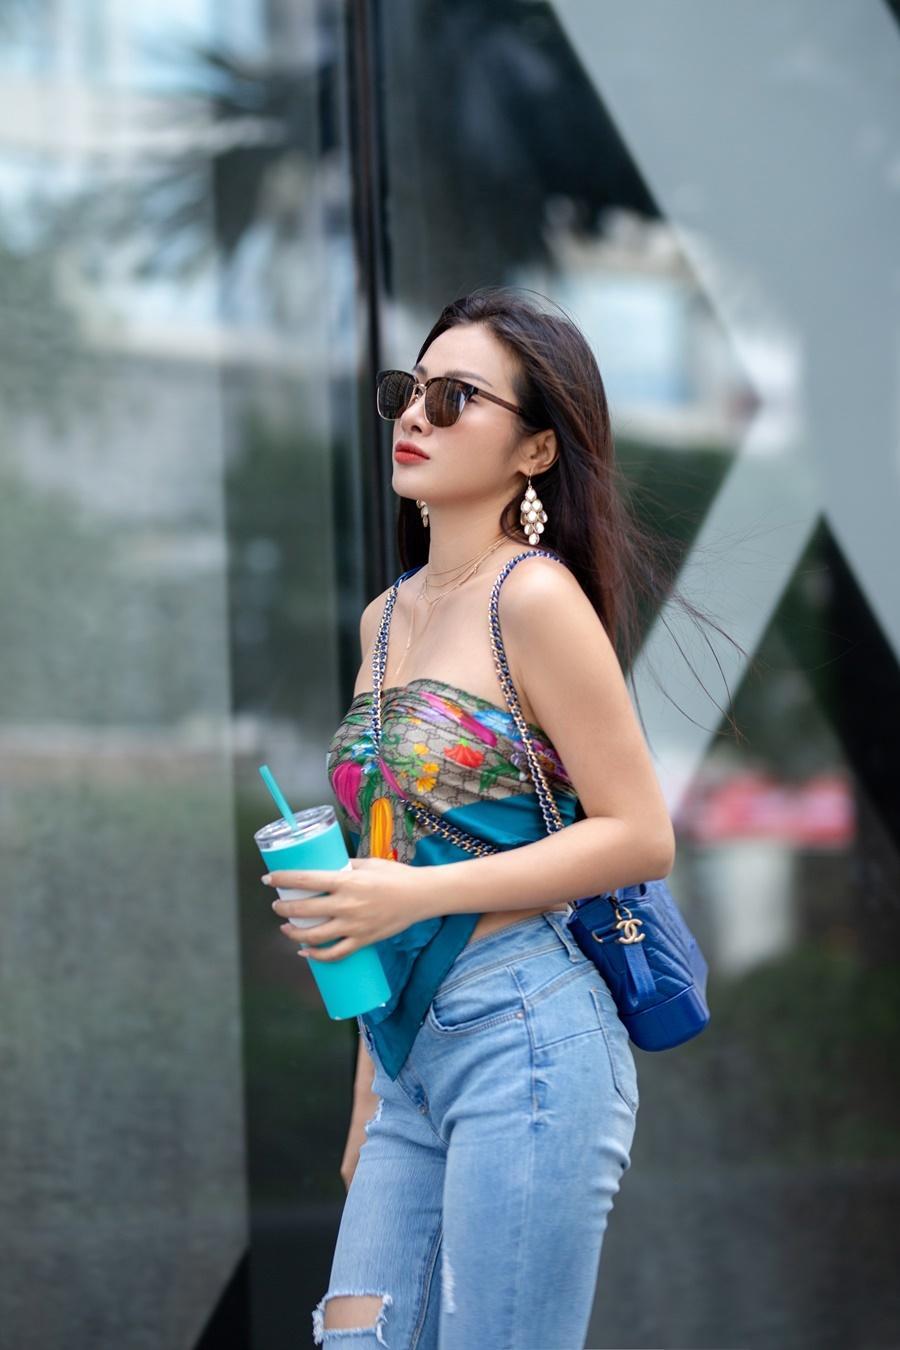 Yaya Trương Nhi dùng khăn thay áo, sexy dạo phố Ảnh 3